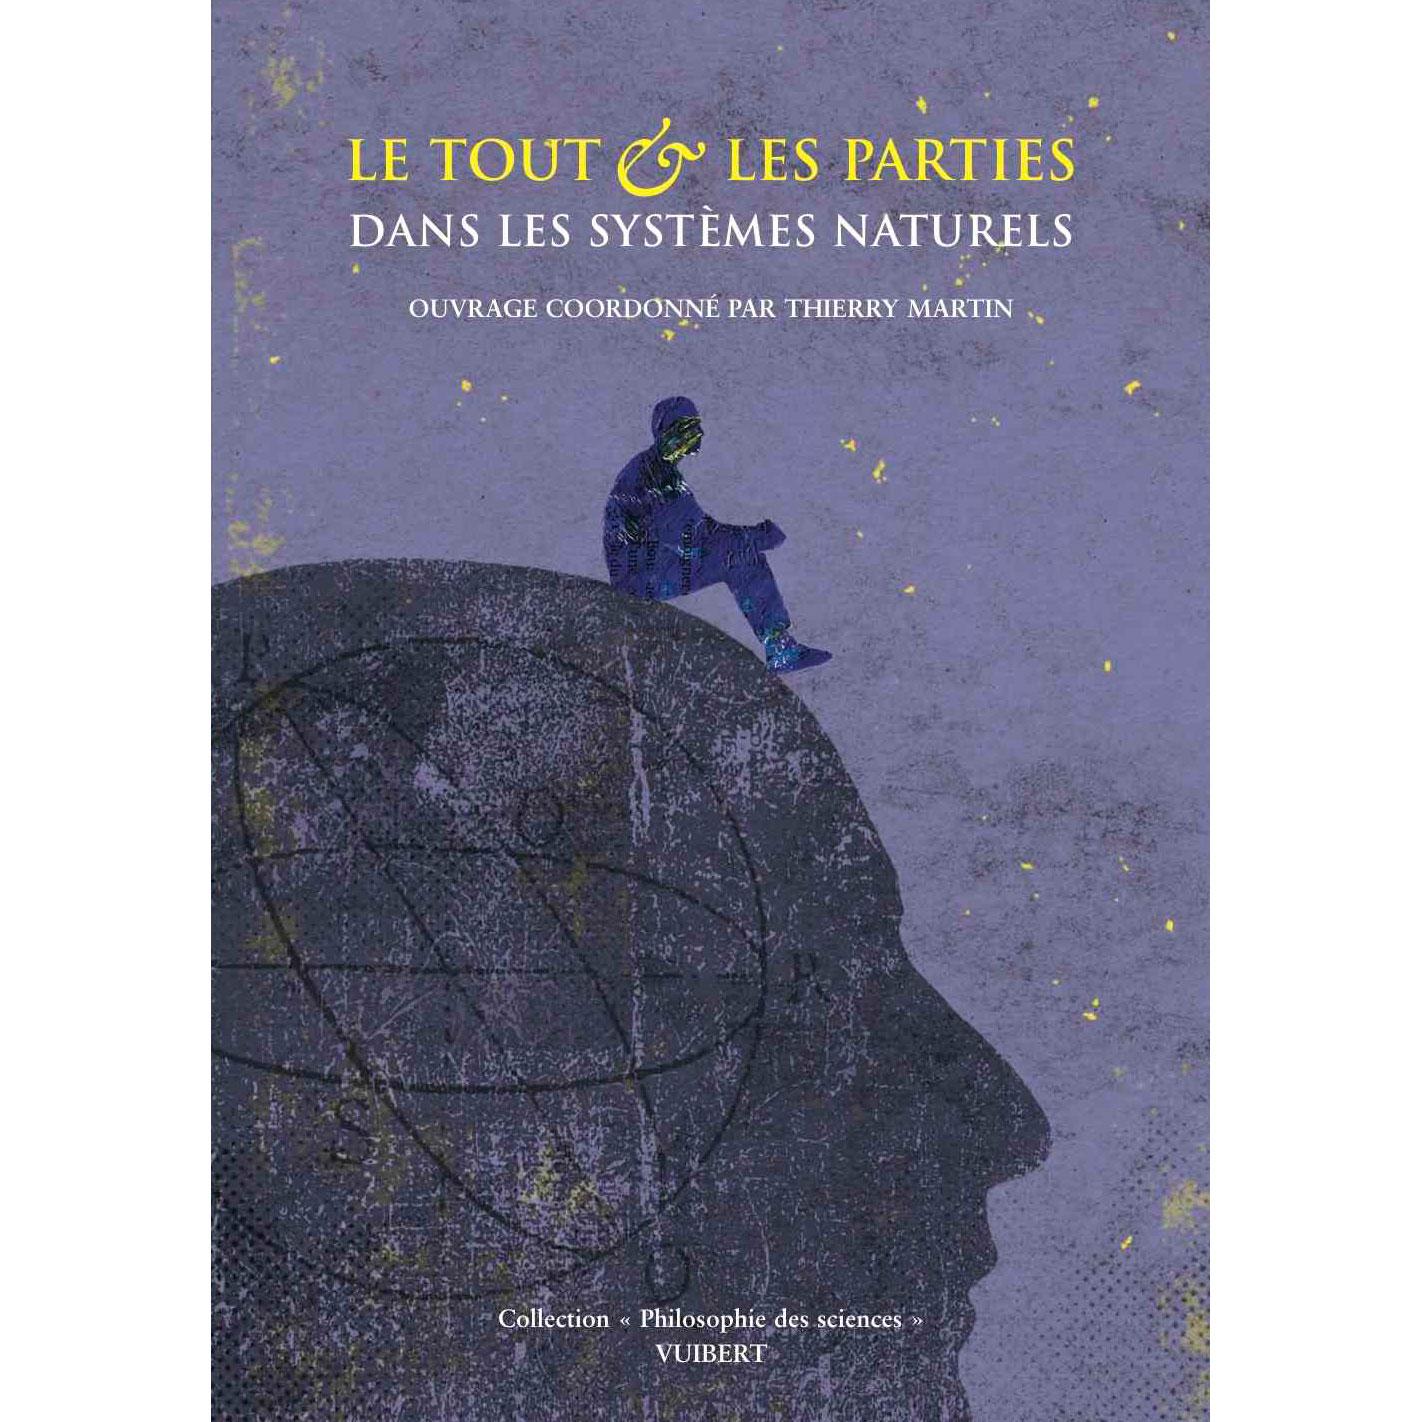 Le tout et les parties dans les systèmes naturels